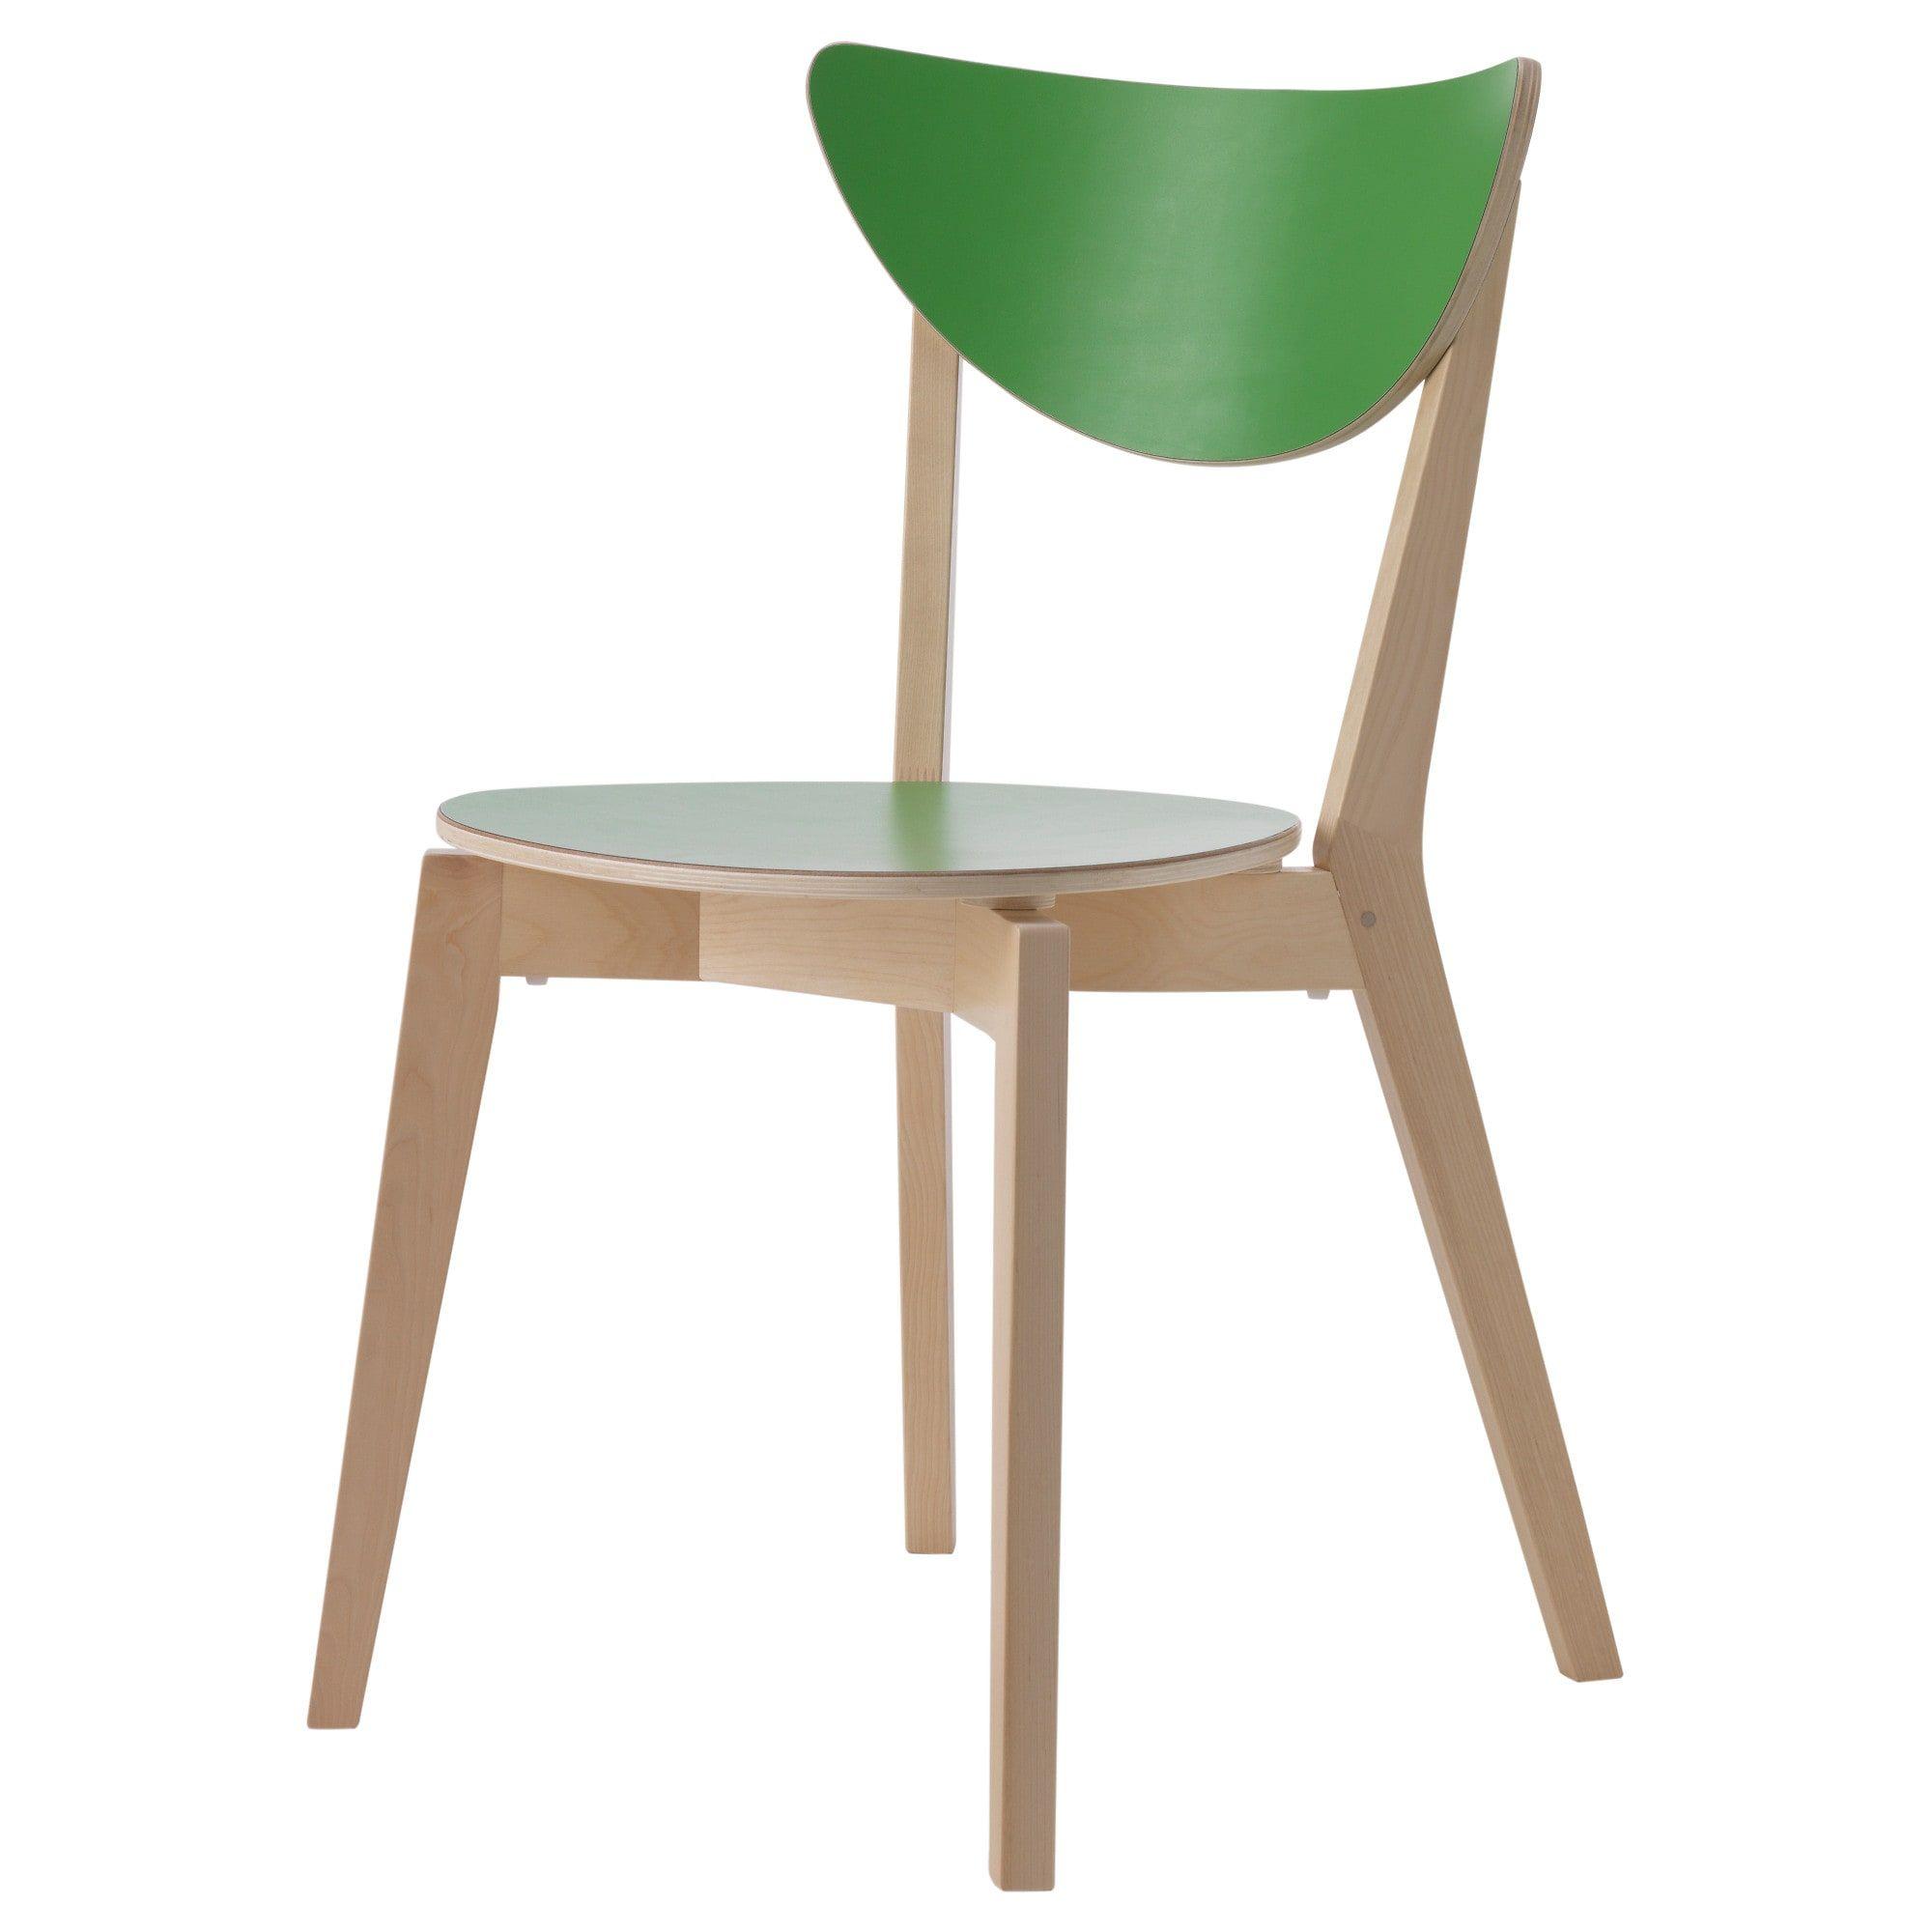 Ikea Nordmyra Stuhl Grun Stapelbare Stuhle Sparen Platz Wenn Sie Nicht Benotigt Werden Korpergerecht Geformte Ruckenlehne Fur Bes Stuhl Grun Ikea Stuhle